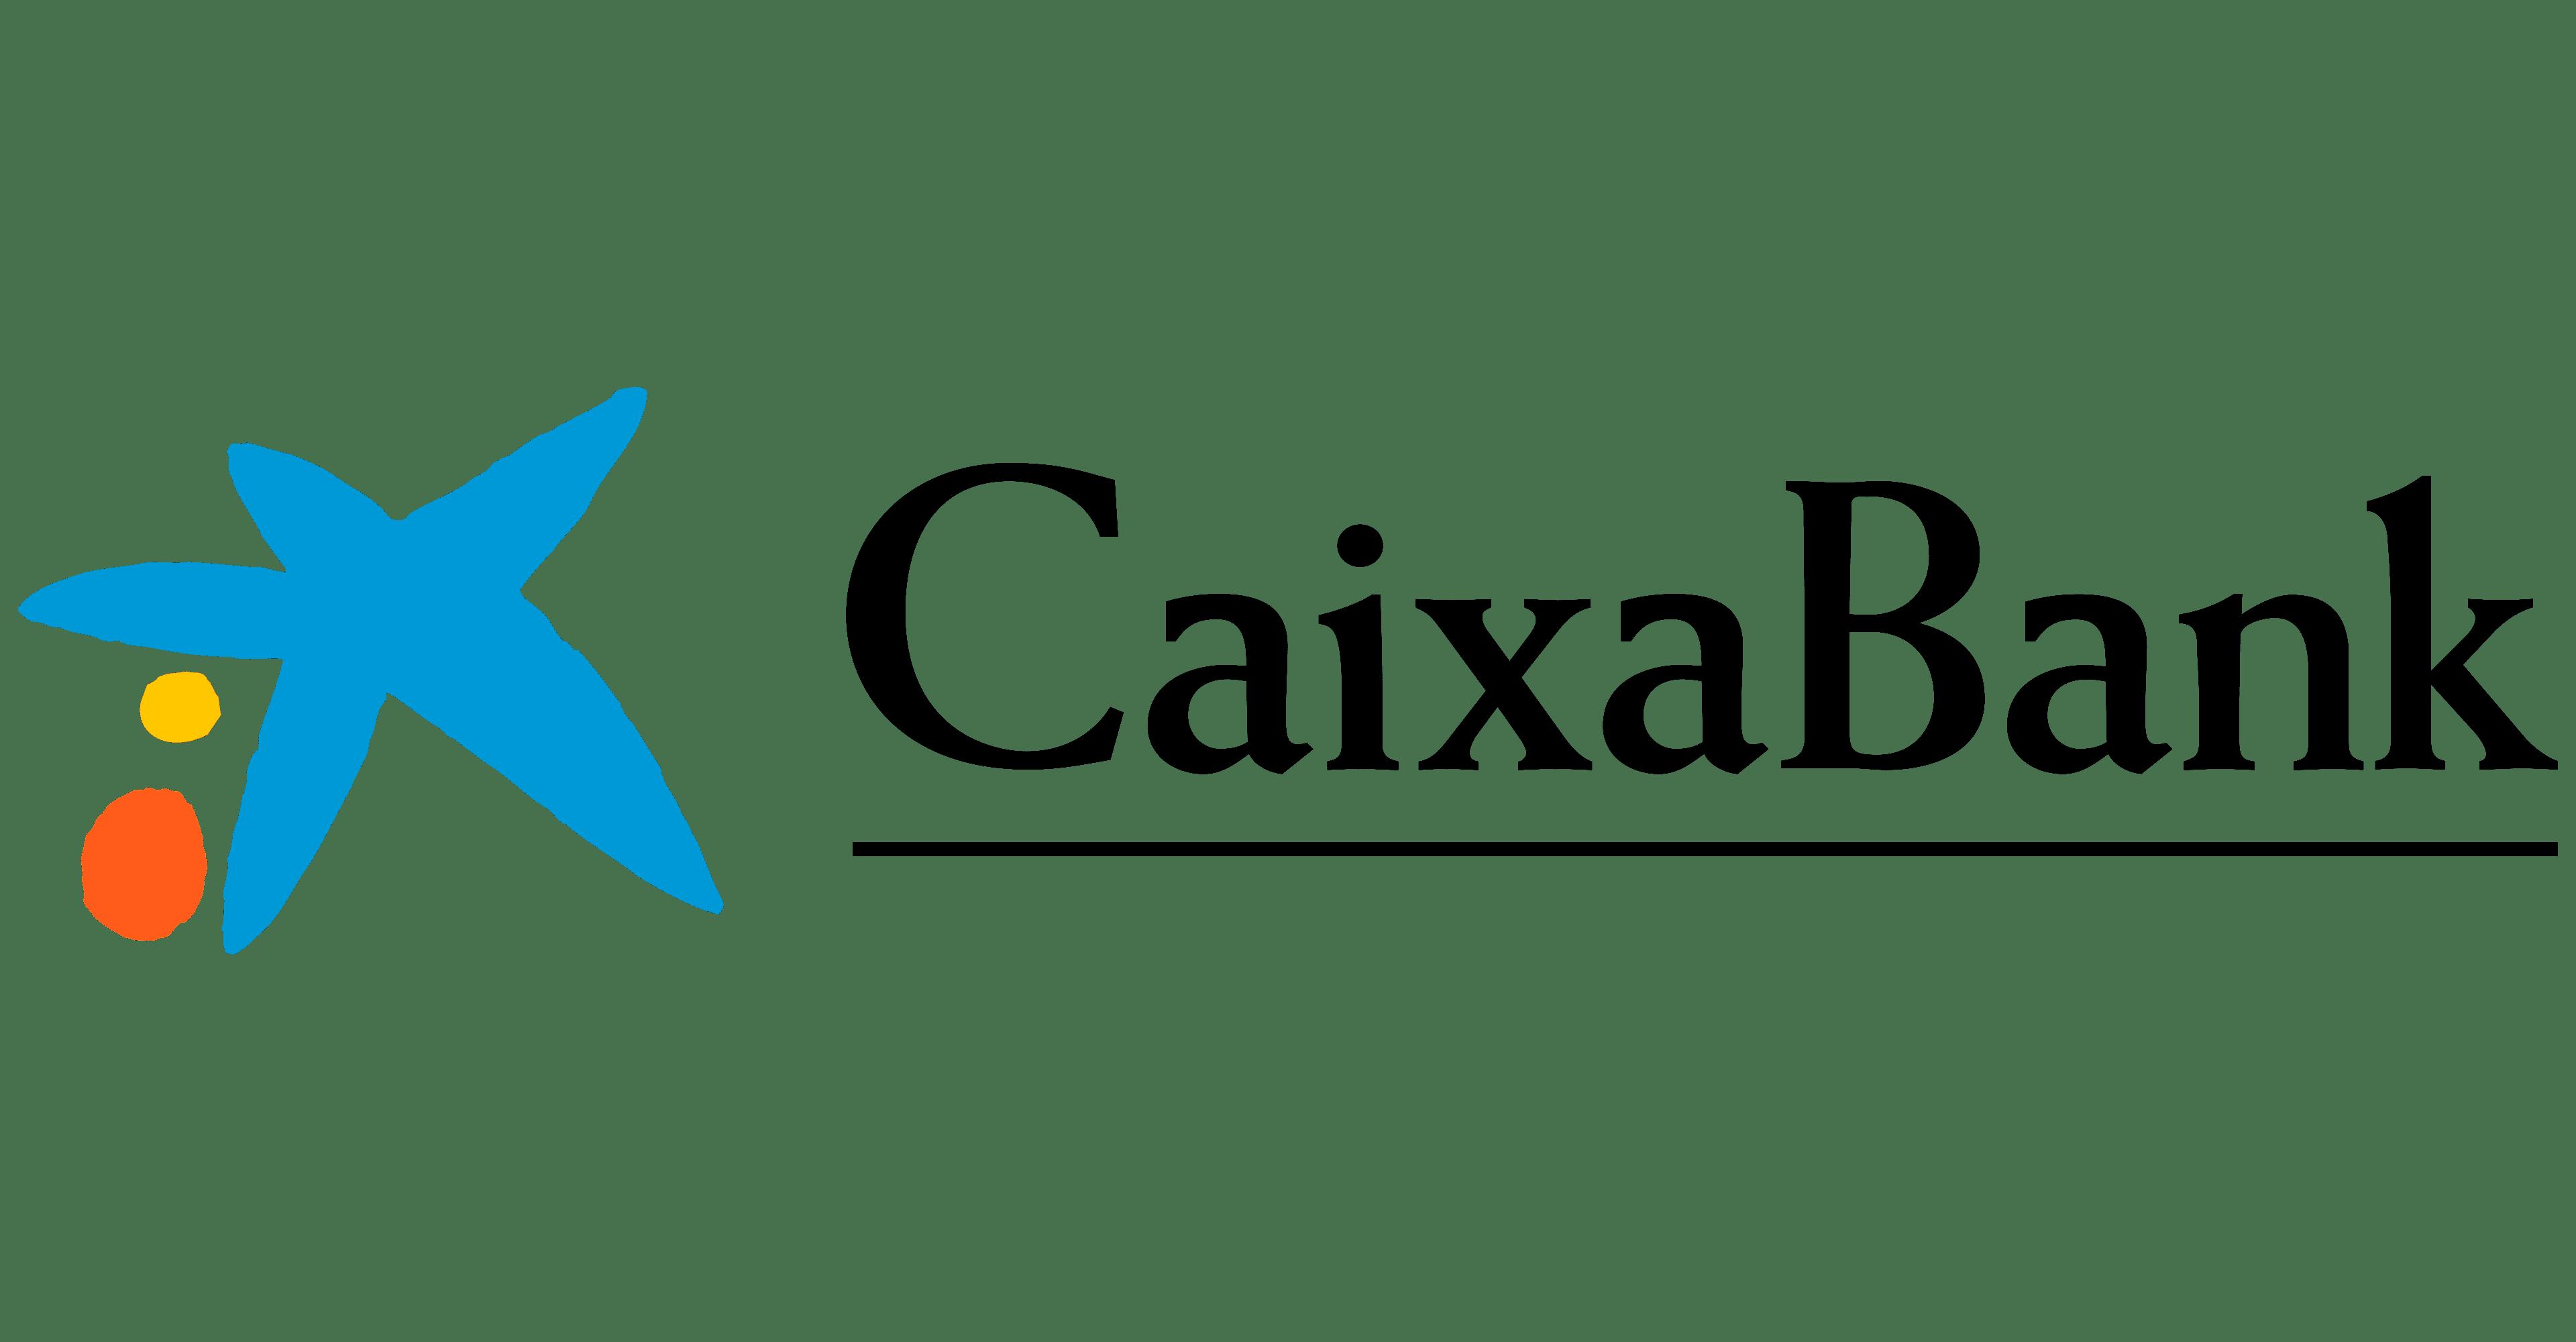 Convenio Caixabank